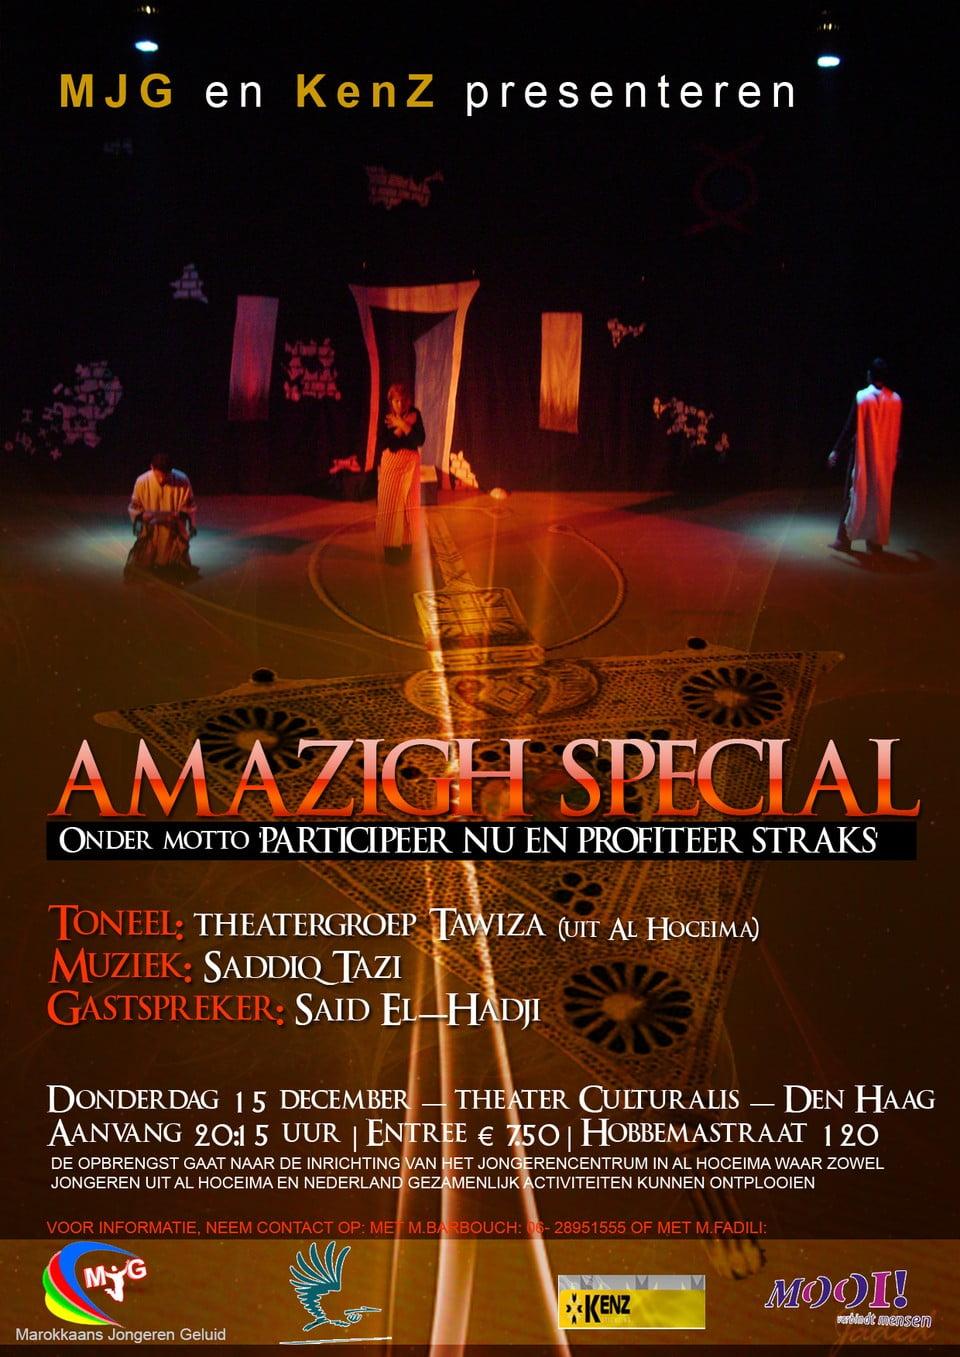 Marokkaans theatergezelschap doet Nederland aan